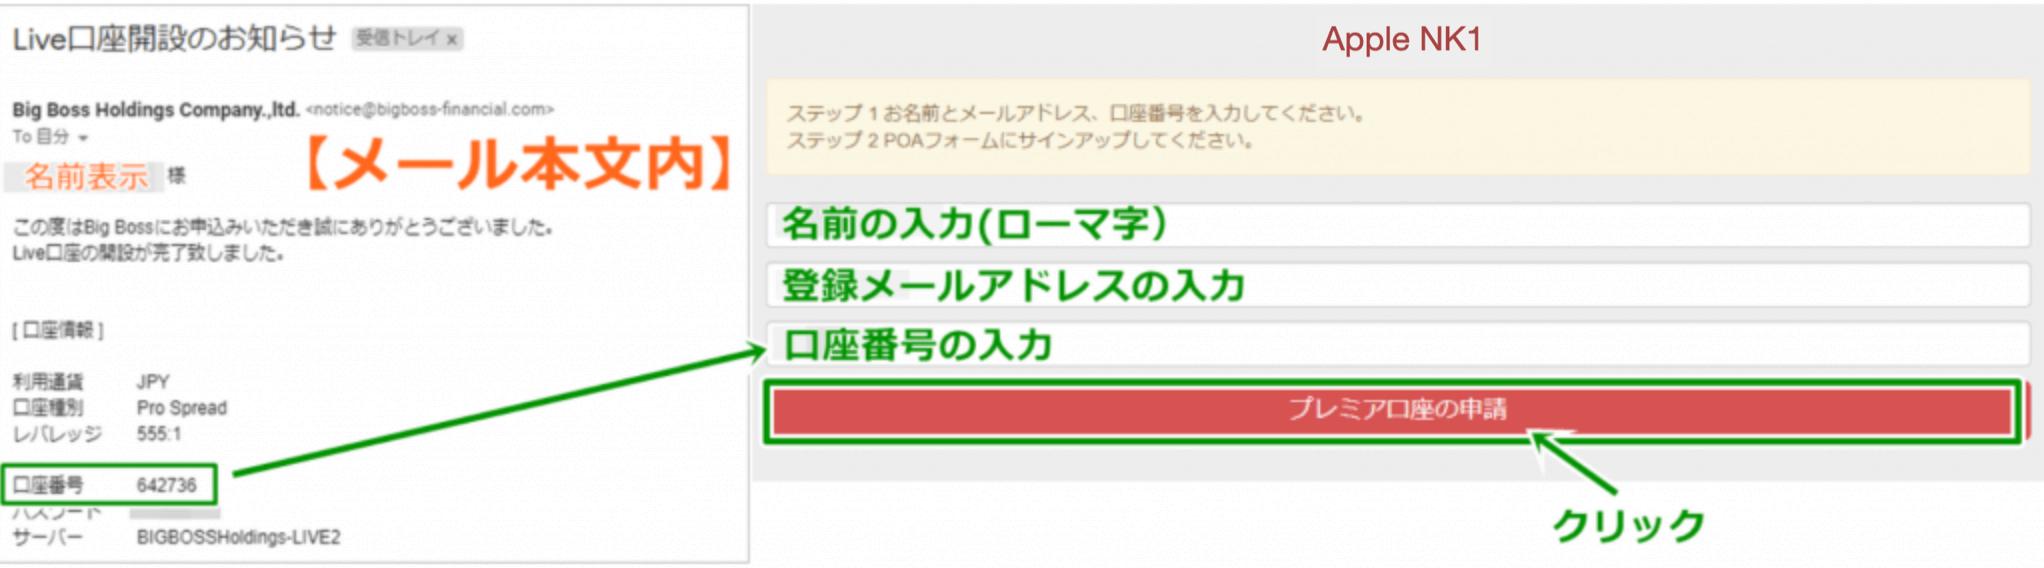 Apple-nk1システムの連携必要情報